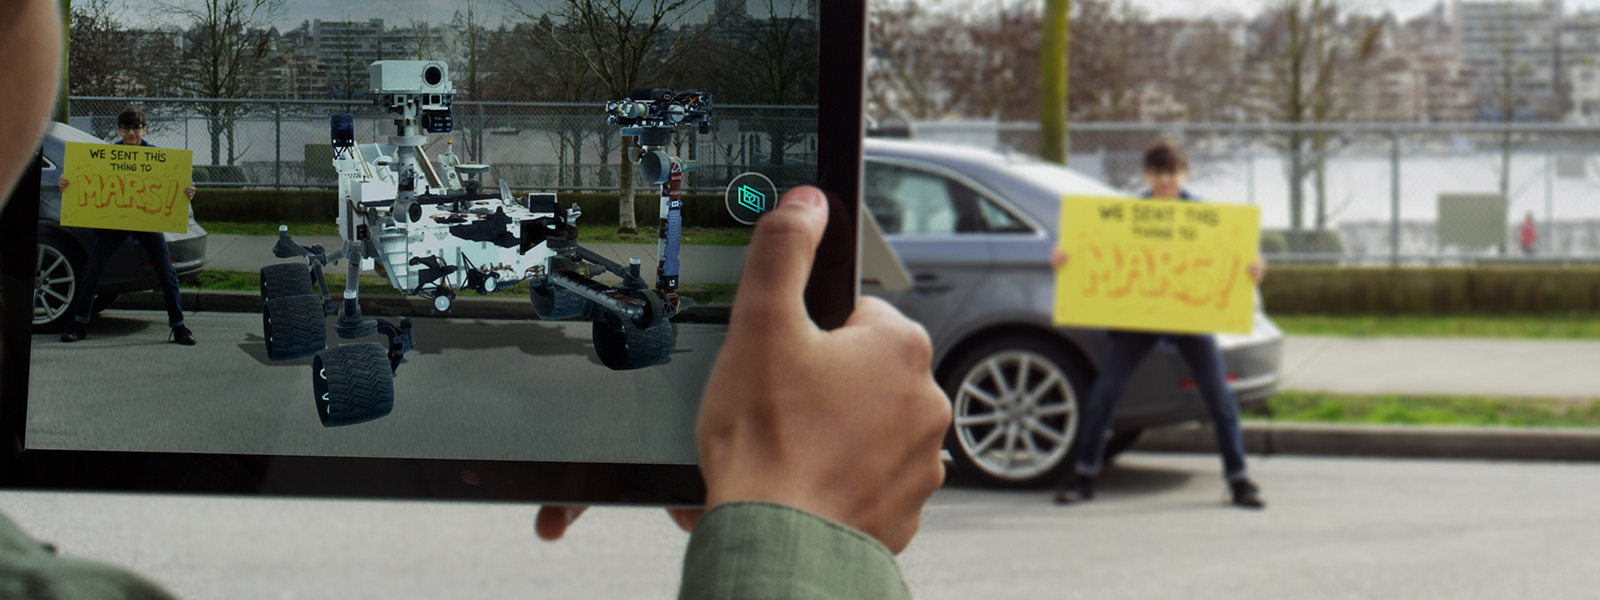 Vue 3D avec ajout d'une voiture dans l'image